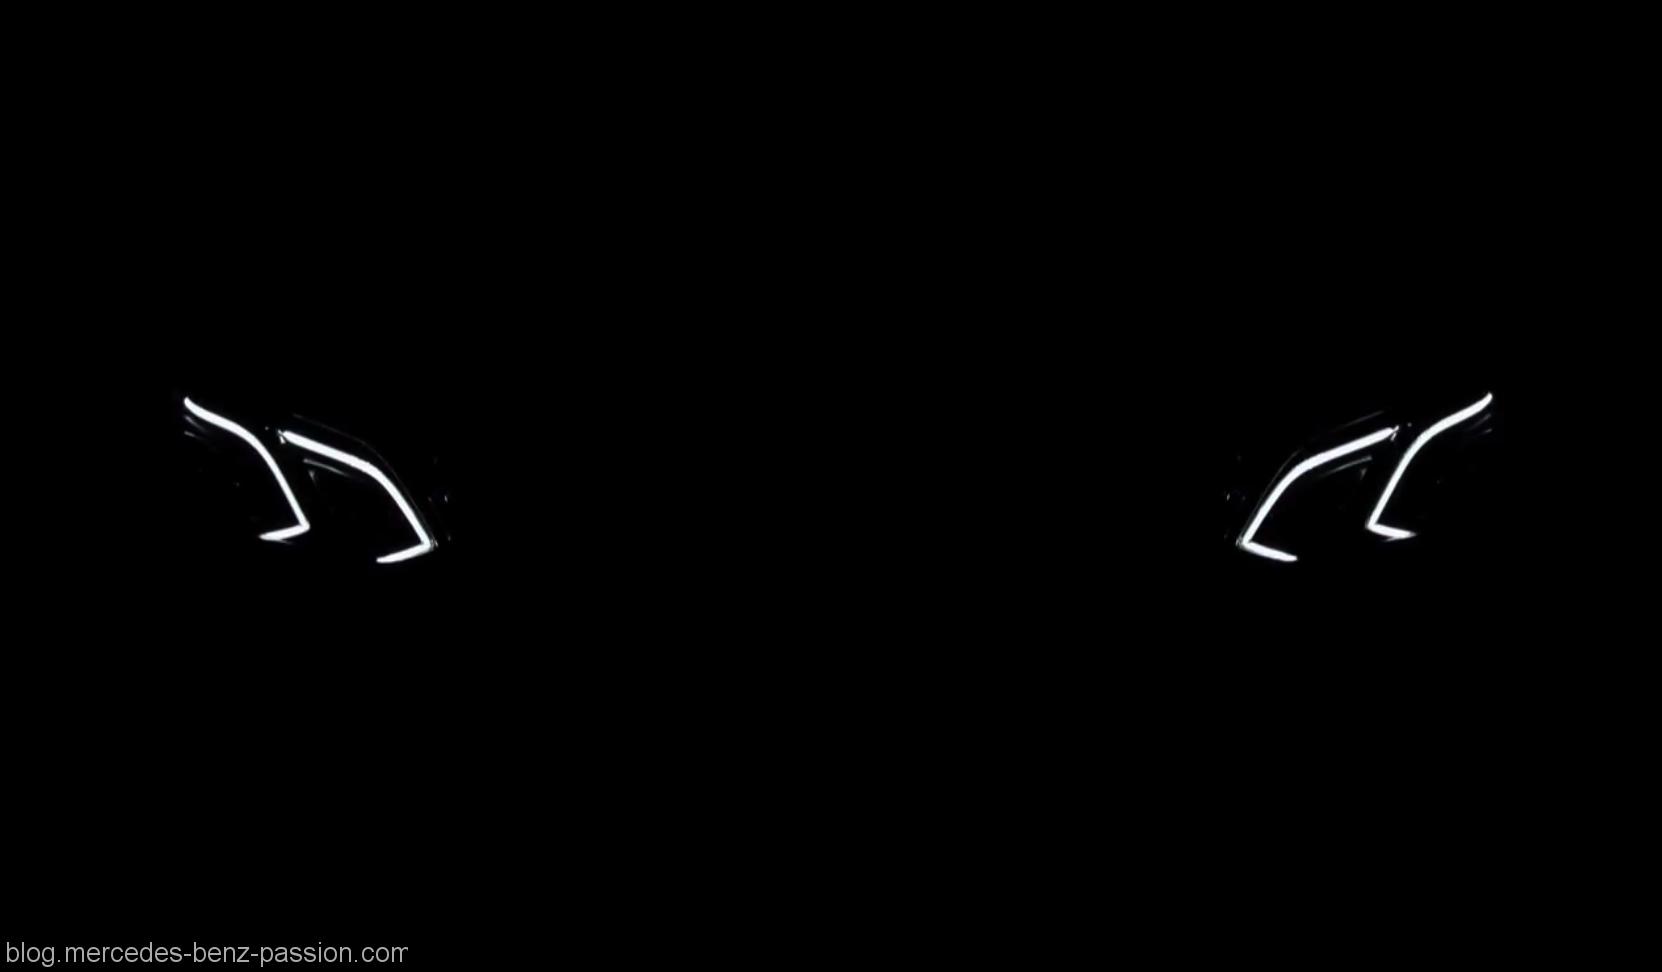 2014 mercedes benz e class headlights mercedes benz mercedes benz e class 2014 mercedes benz e class headlights